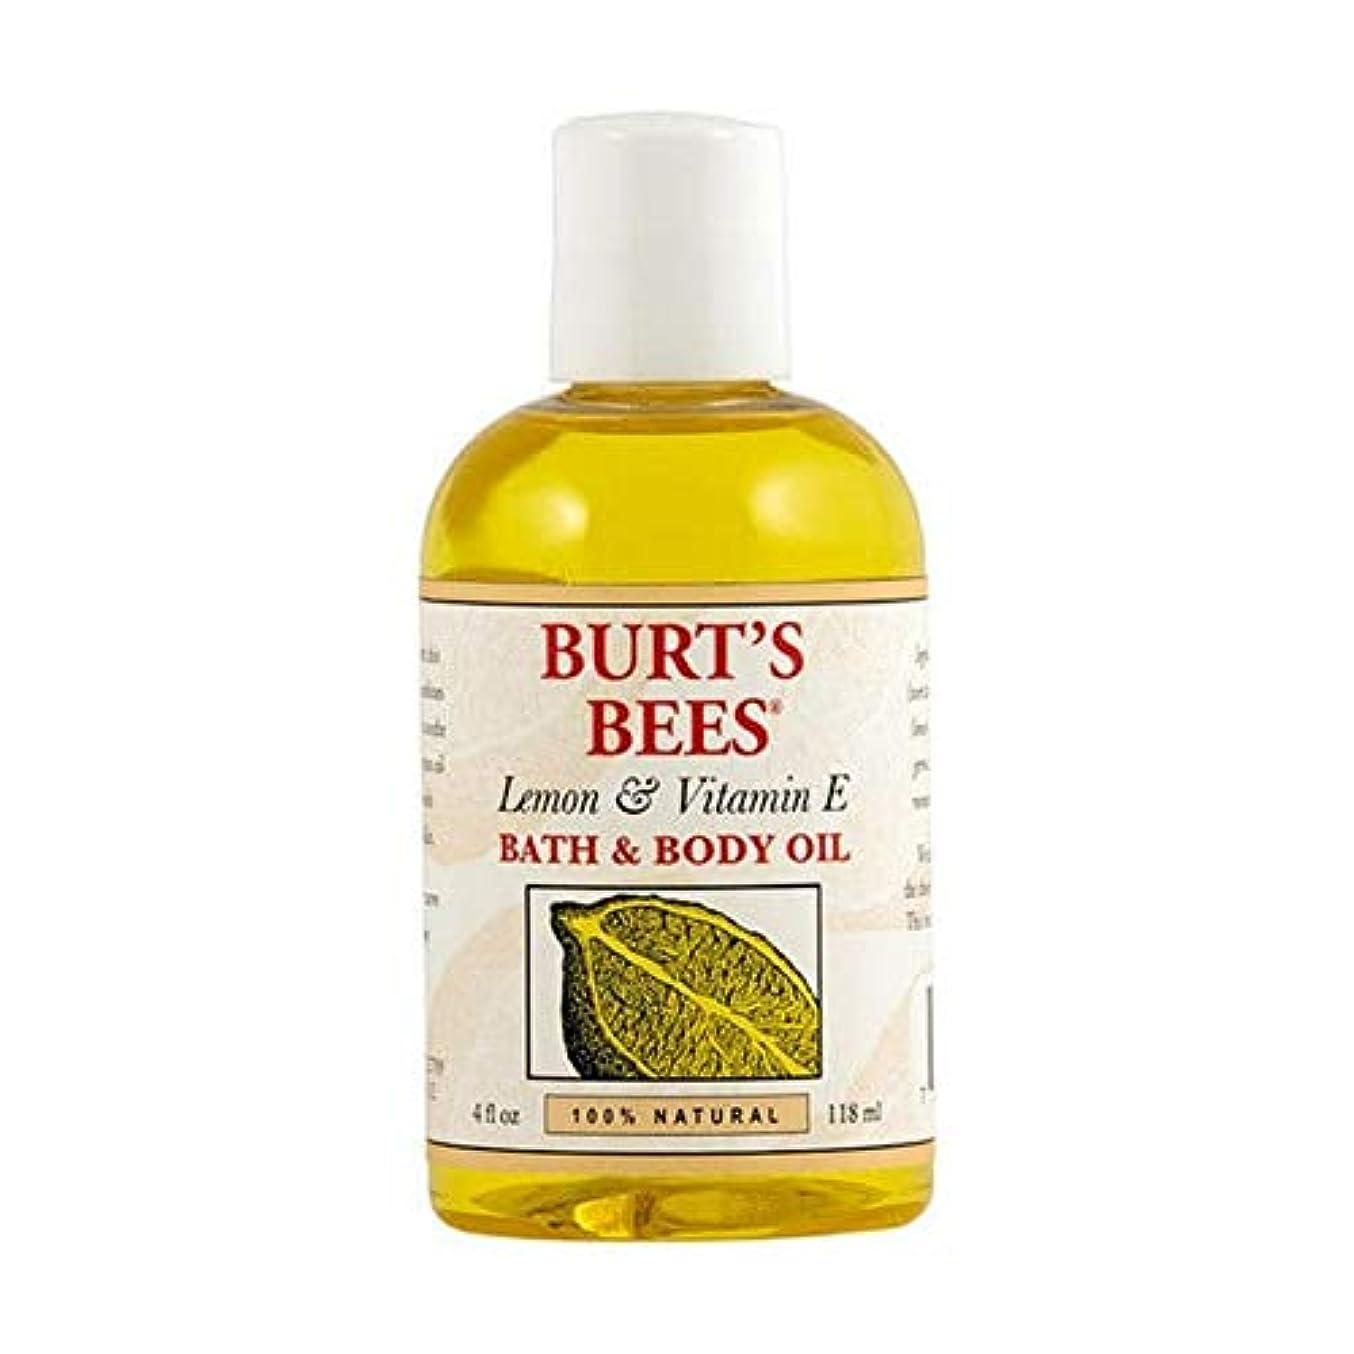 教会カバレッジ反論者[Burt's Bees ] バーツビーレモンとビタミンE体とバスオイル115ミリリットル - Burt's Bees Lemon and Vitamin E Body and Bath Oil 115ml [並行輸入品]